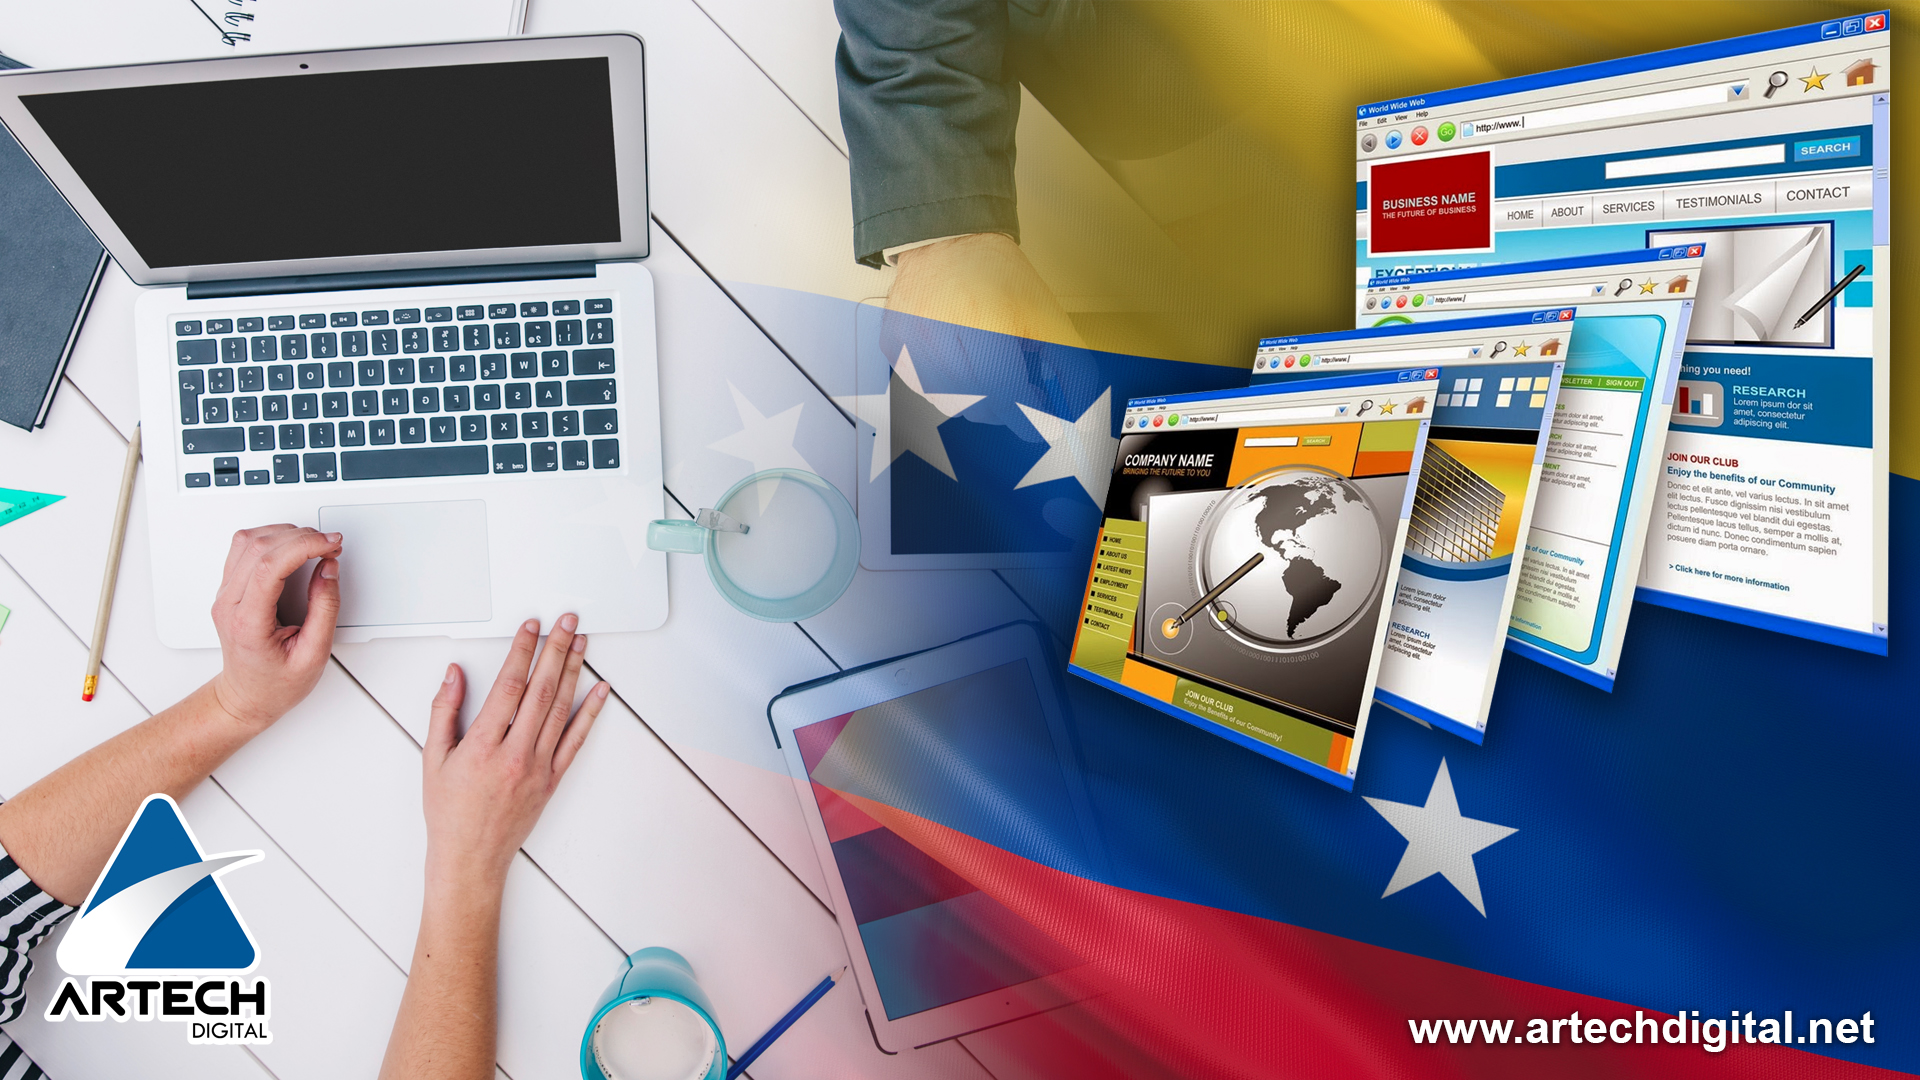 Los venezolanos implementan el Freelance como método de trabajo